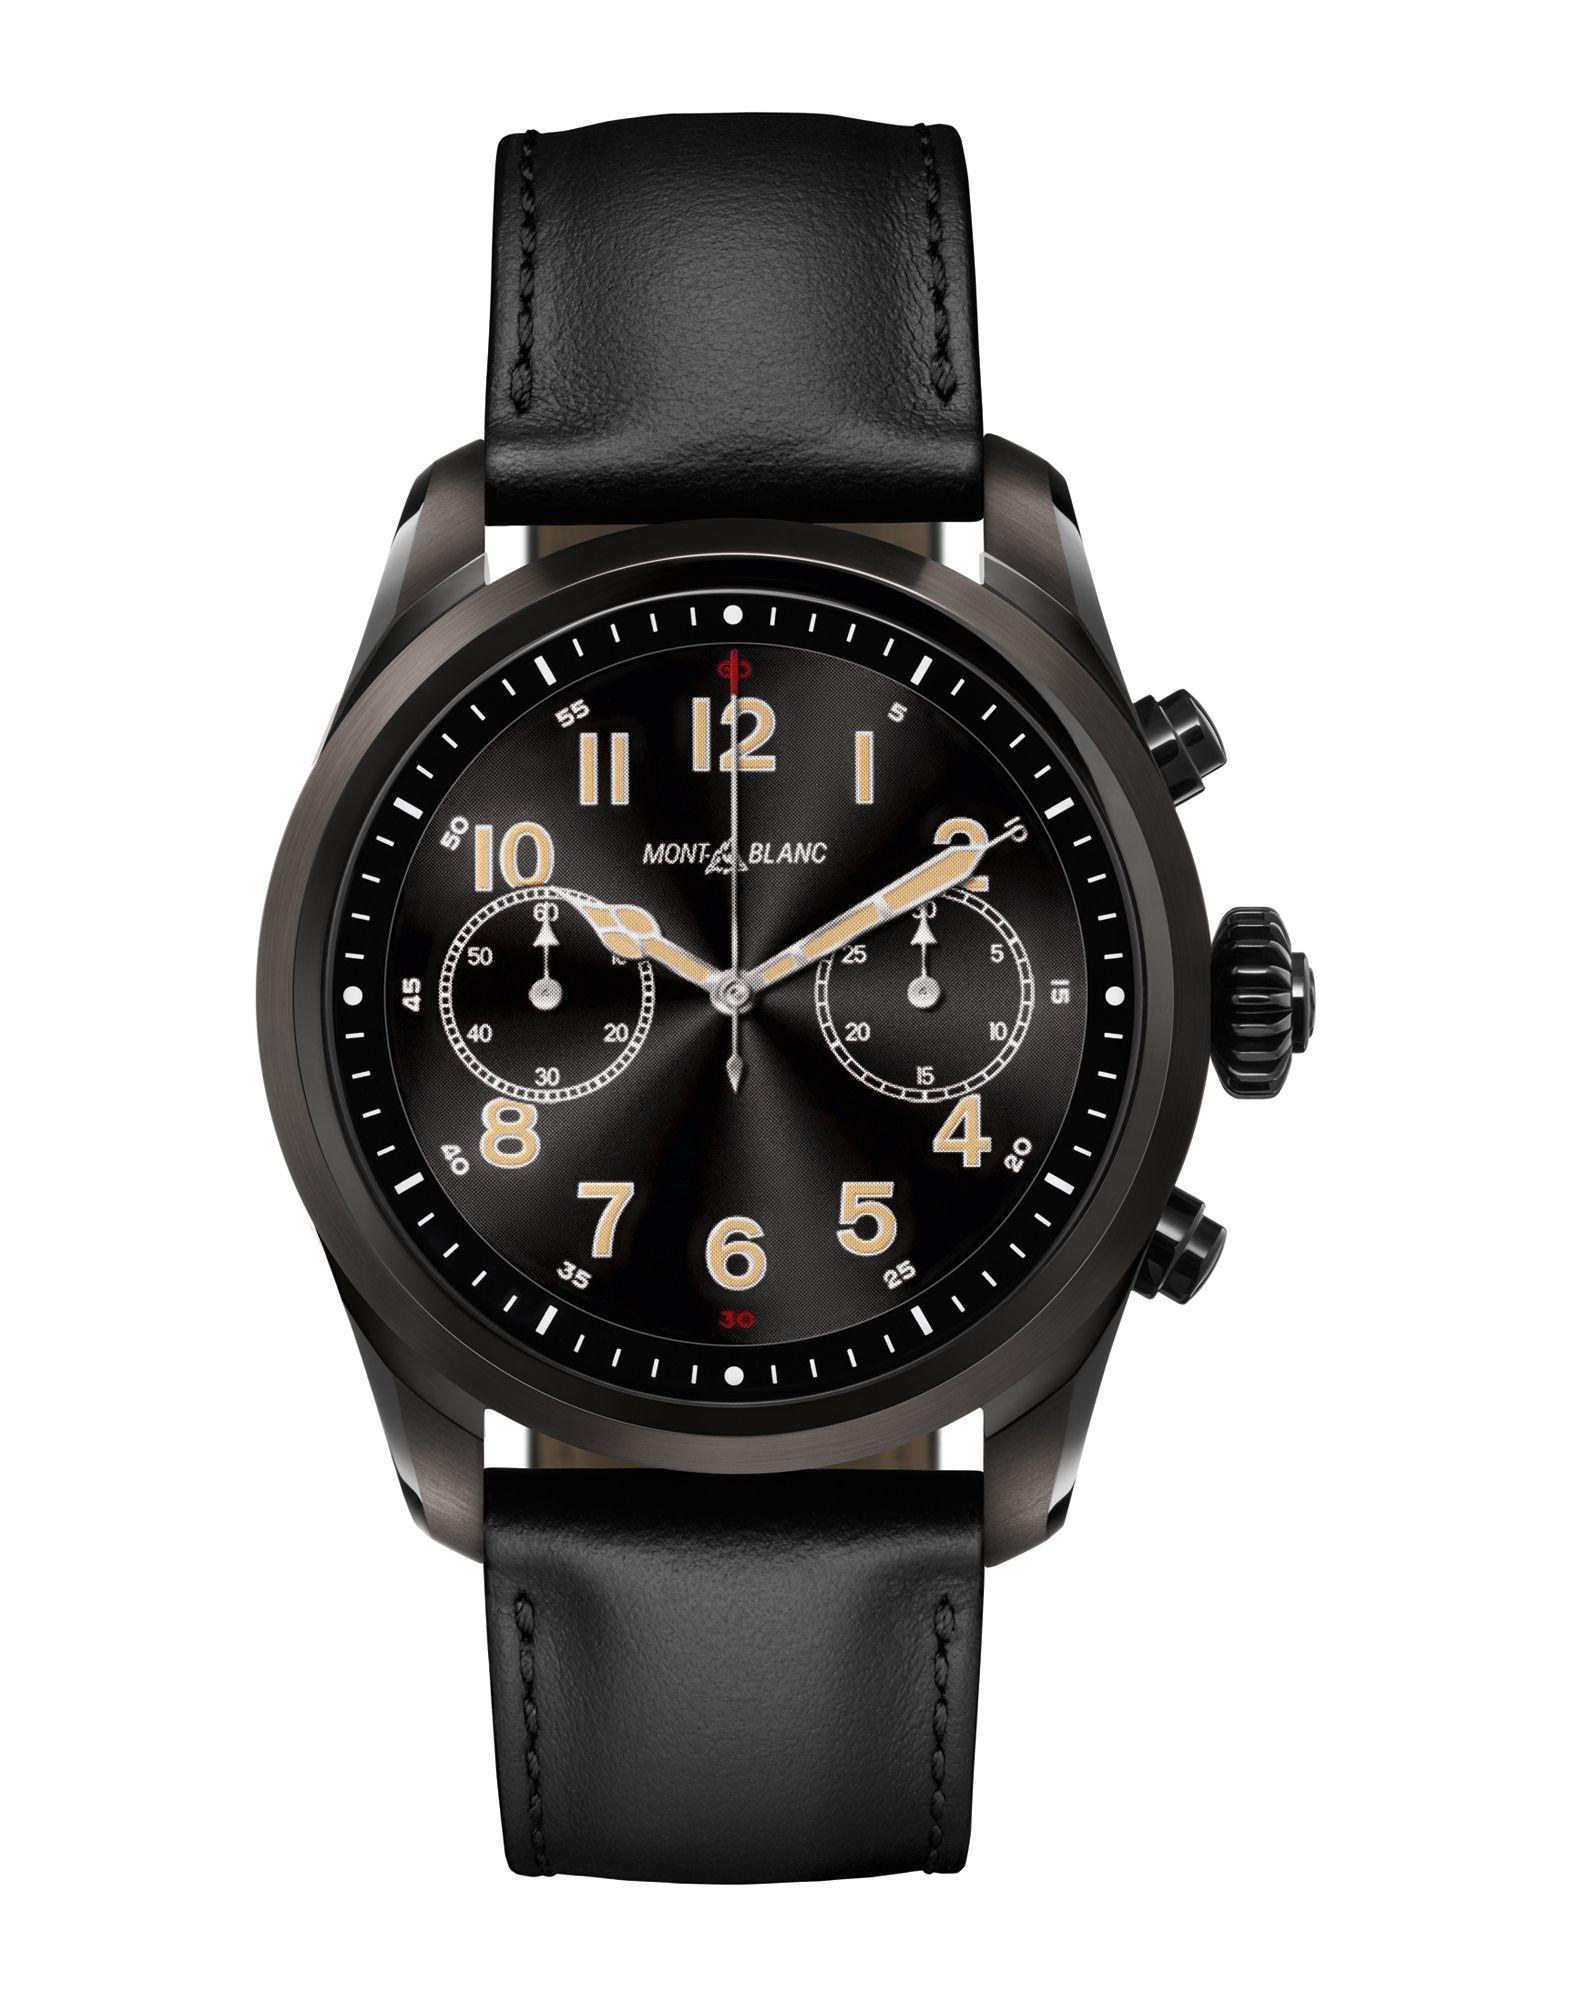 MONTBLANC Умные часы умные часы kaboson h8 ios